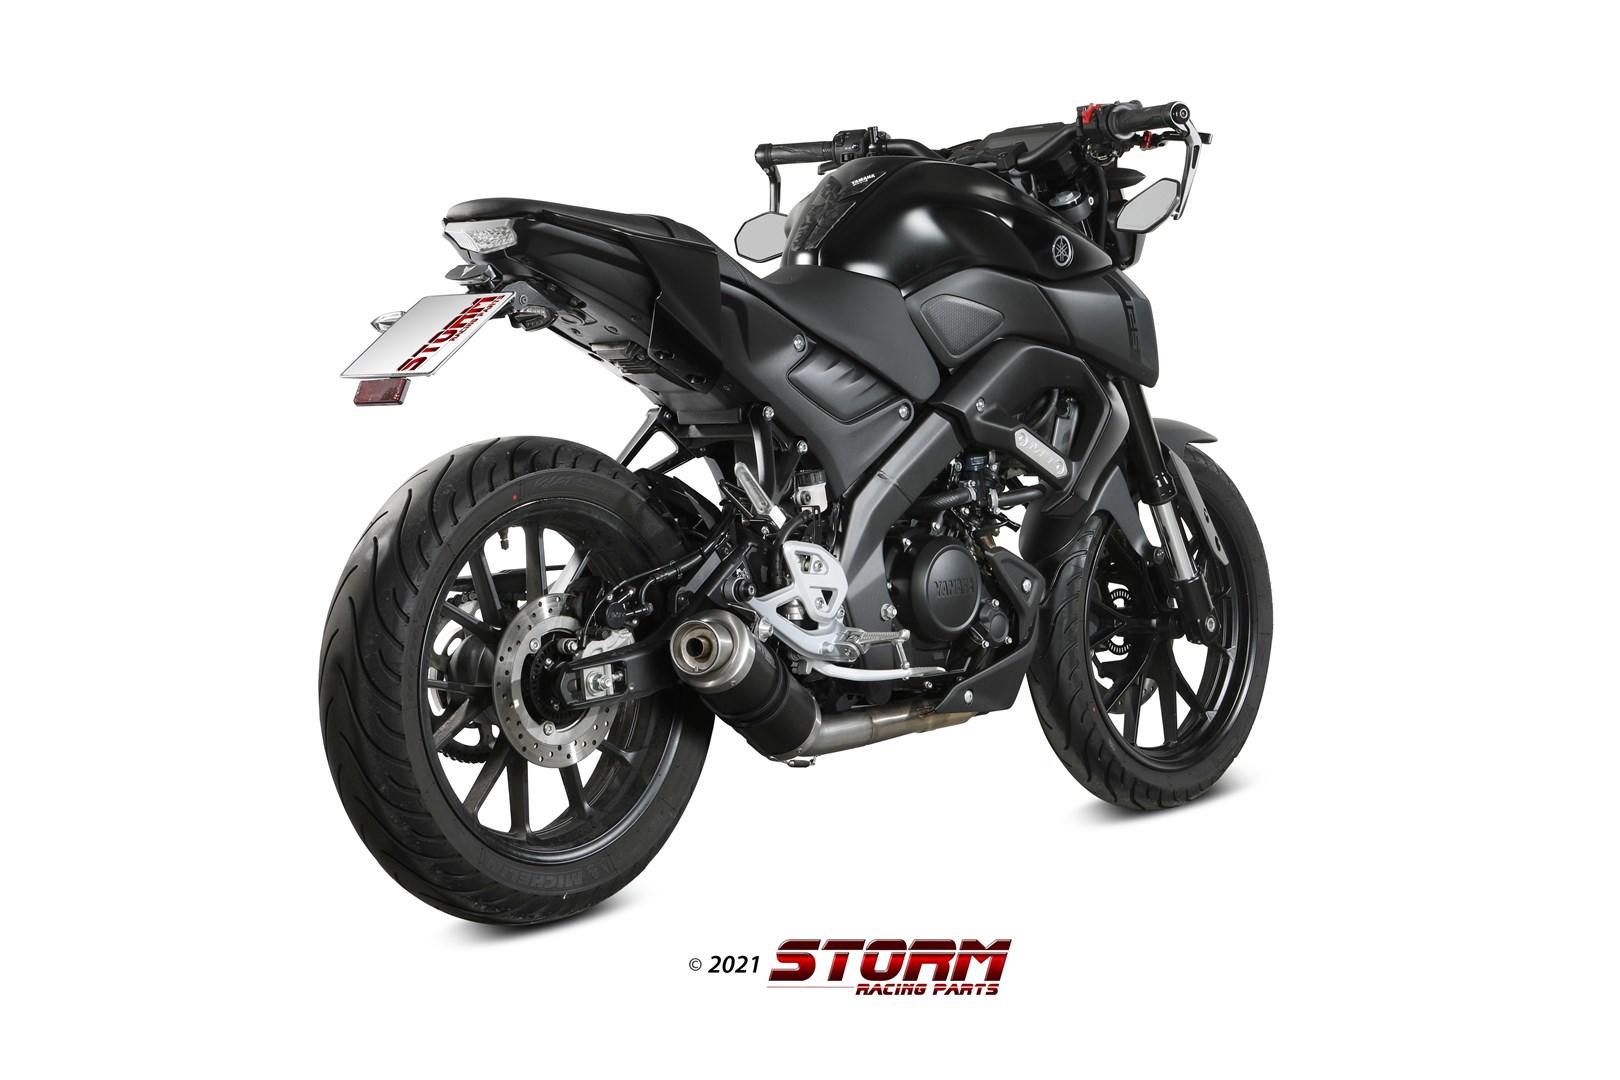 Yamaha_MT125_2021-_74Y067LXSB_$02